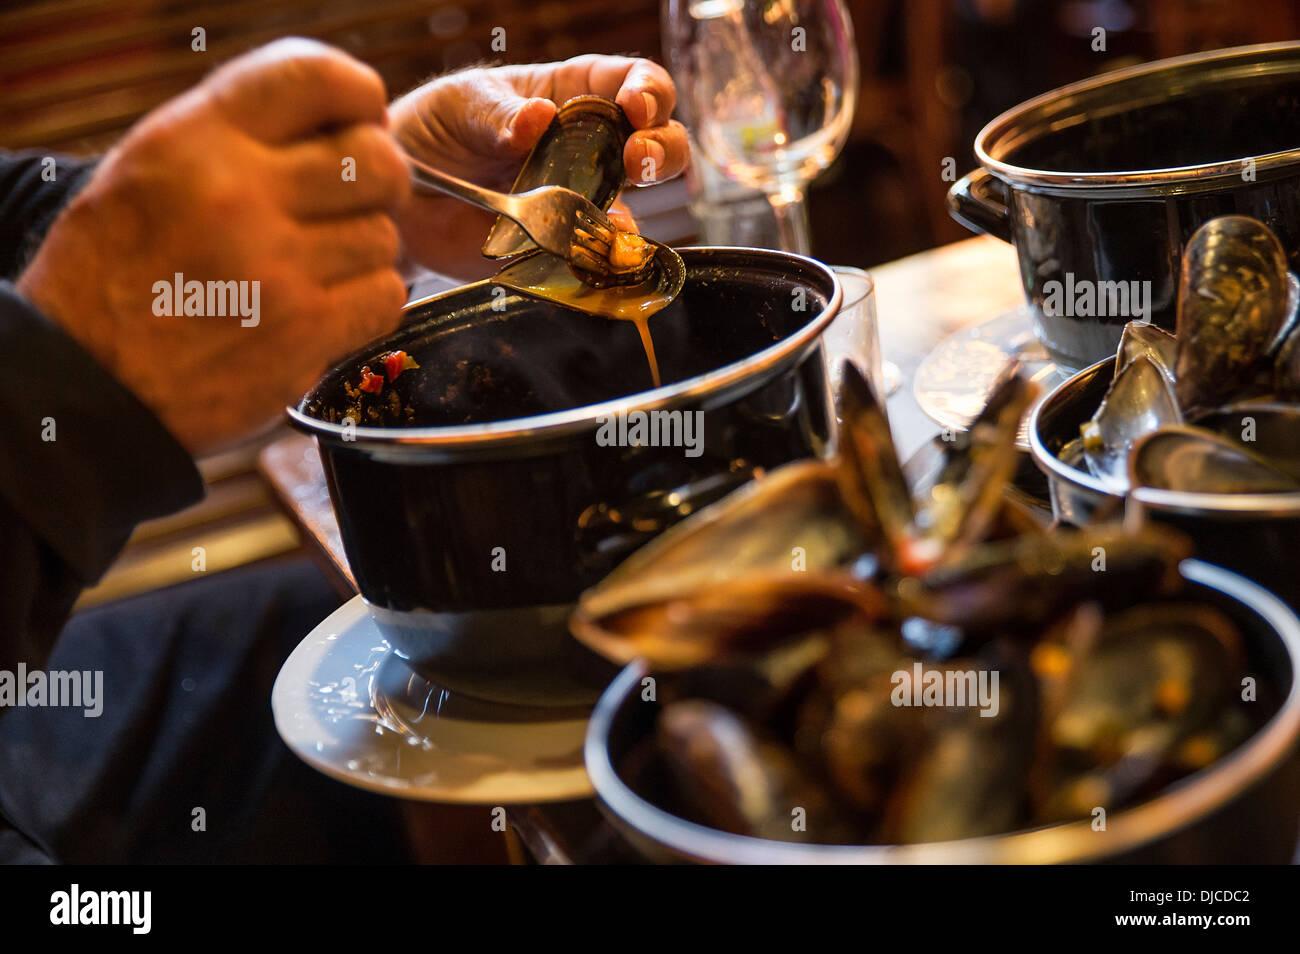 Mécène bénéficie d'une moule plat à un restaurant de tapas, Barcelone, Espagne Photo Stock